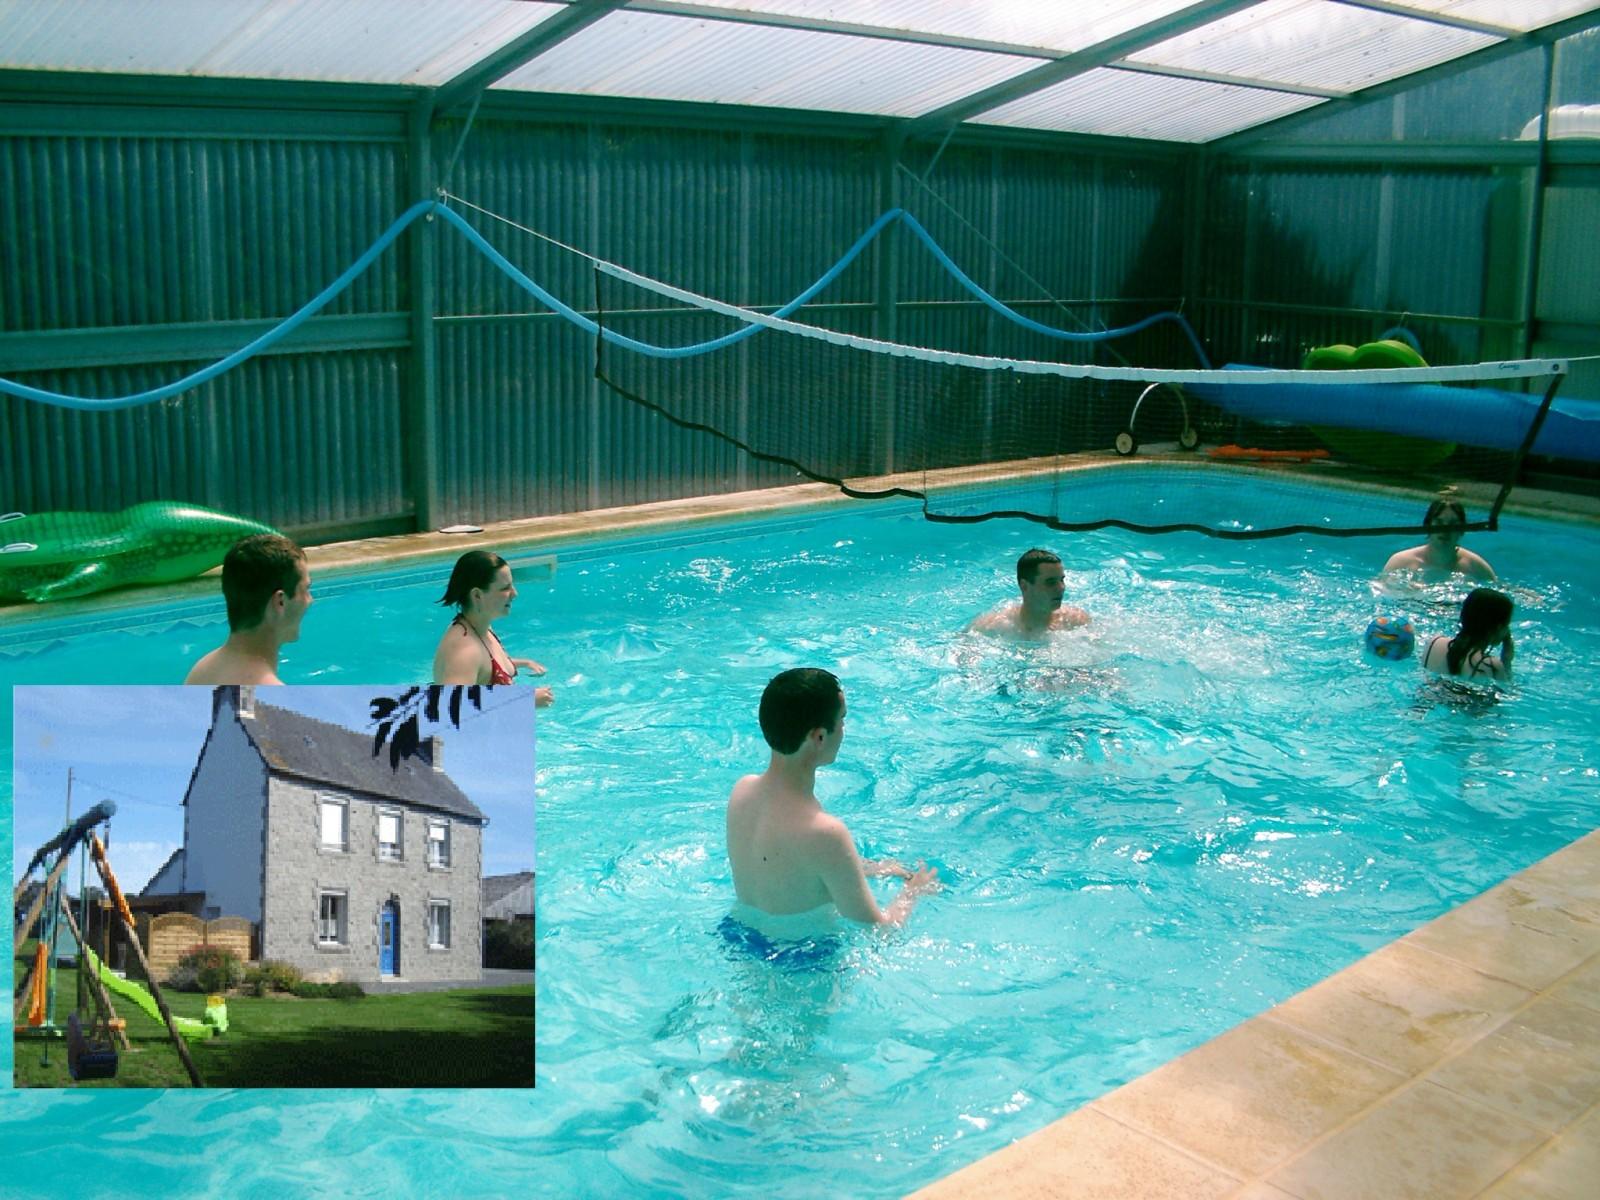 Maison vacances avec piscine locarn location 4 personnes for Gite bretagne piscine couverte